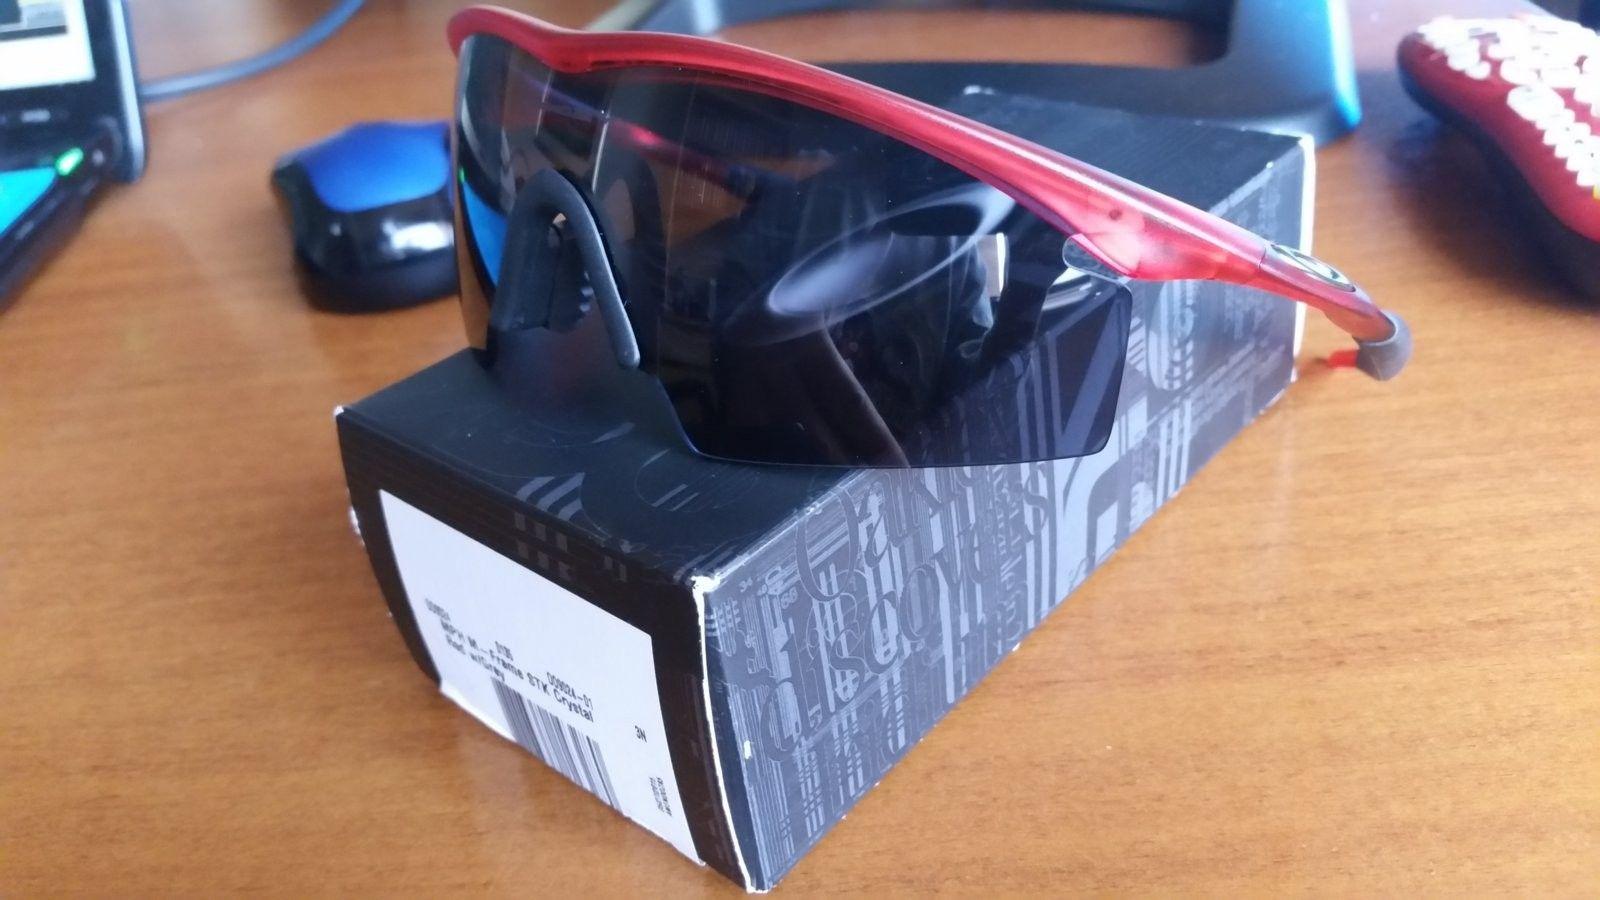 BNIB MPH M-Frame, STK Crystal Red, SKU# 9024-01 - 20161010_085220.jpg